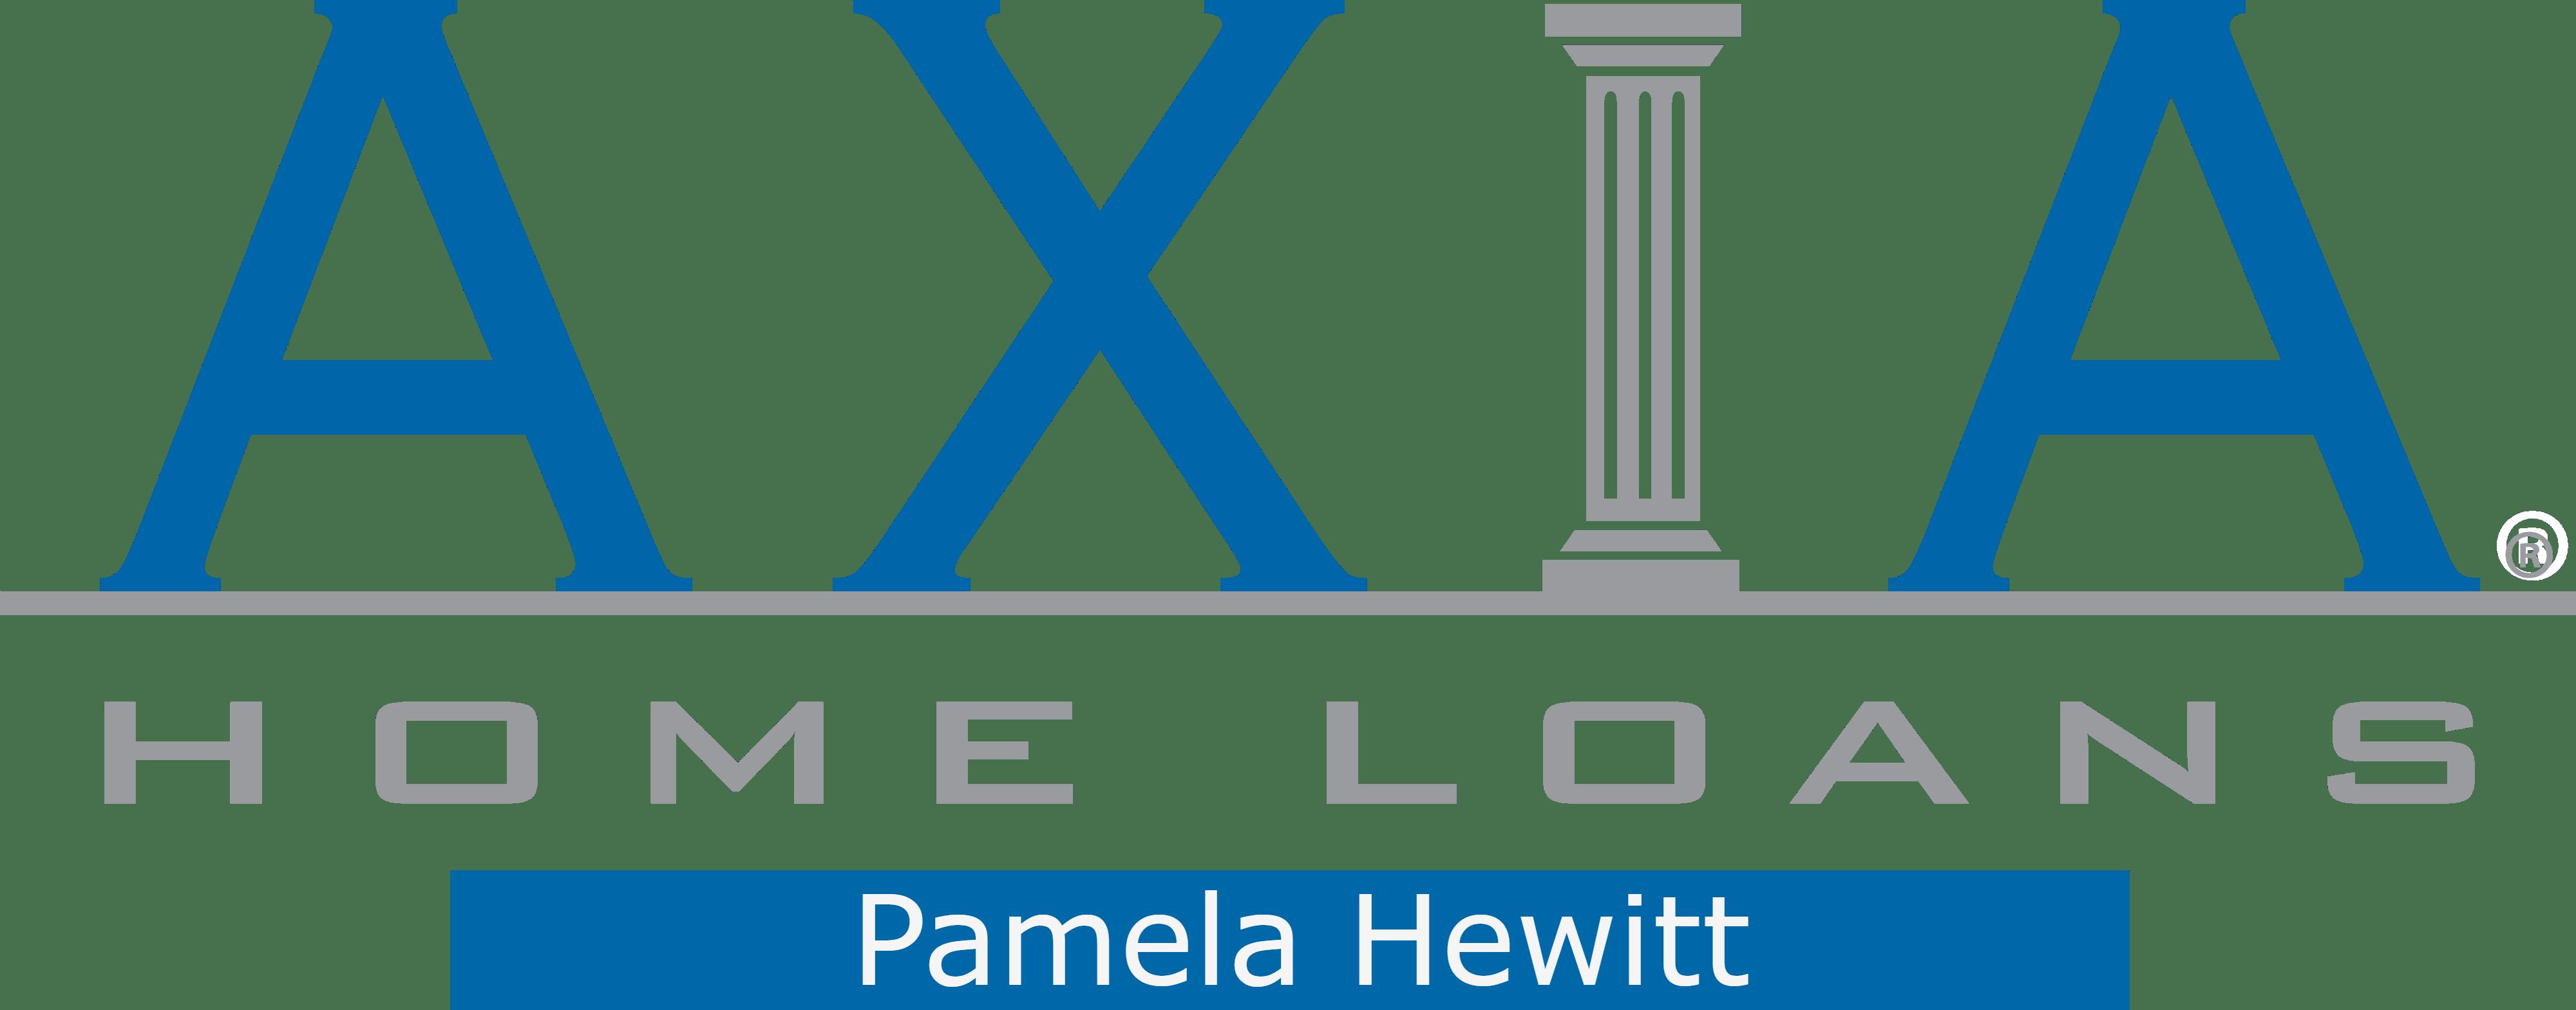 Axia Home Loans - Pamela Hewitt